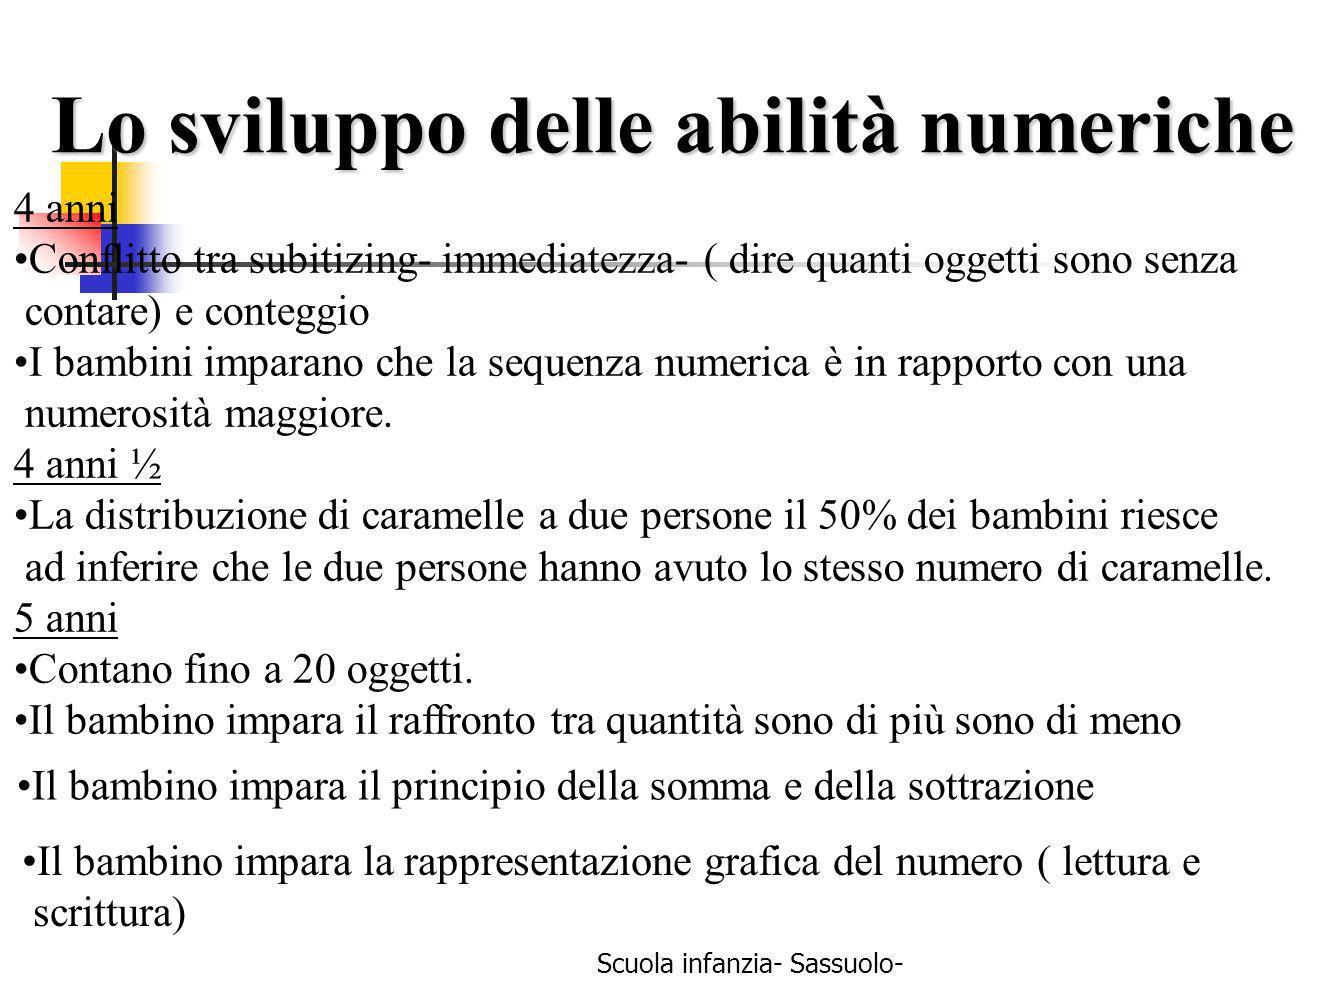 Claudio Turello- Marialuisa Antoniotti